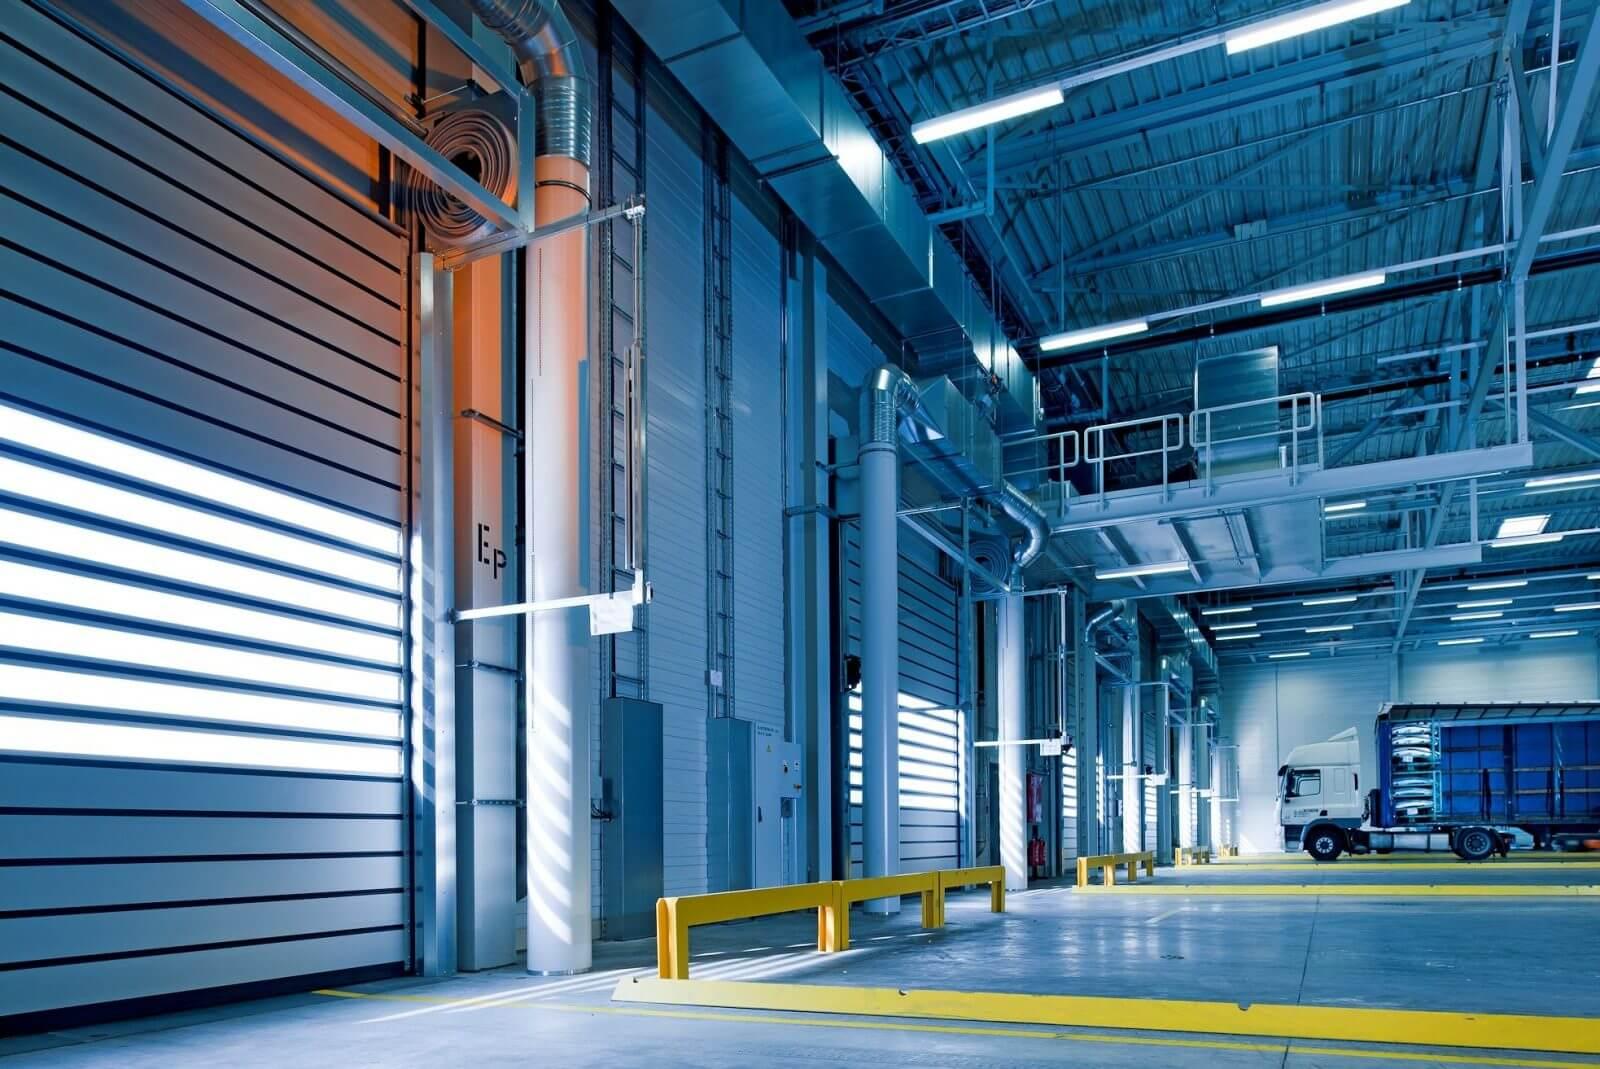 So findest du die richtigen Industrieräume für dein Erfolgsbusiness